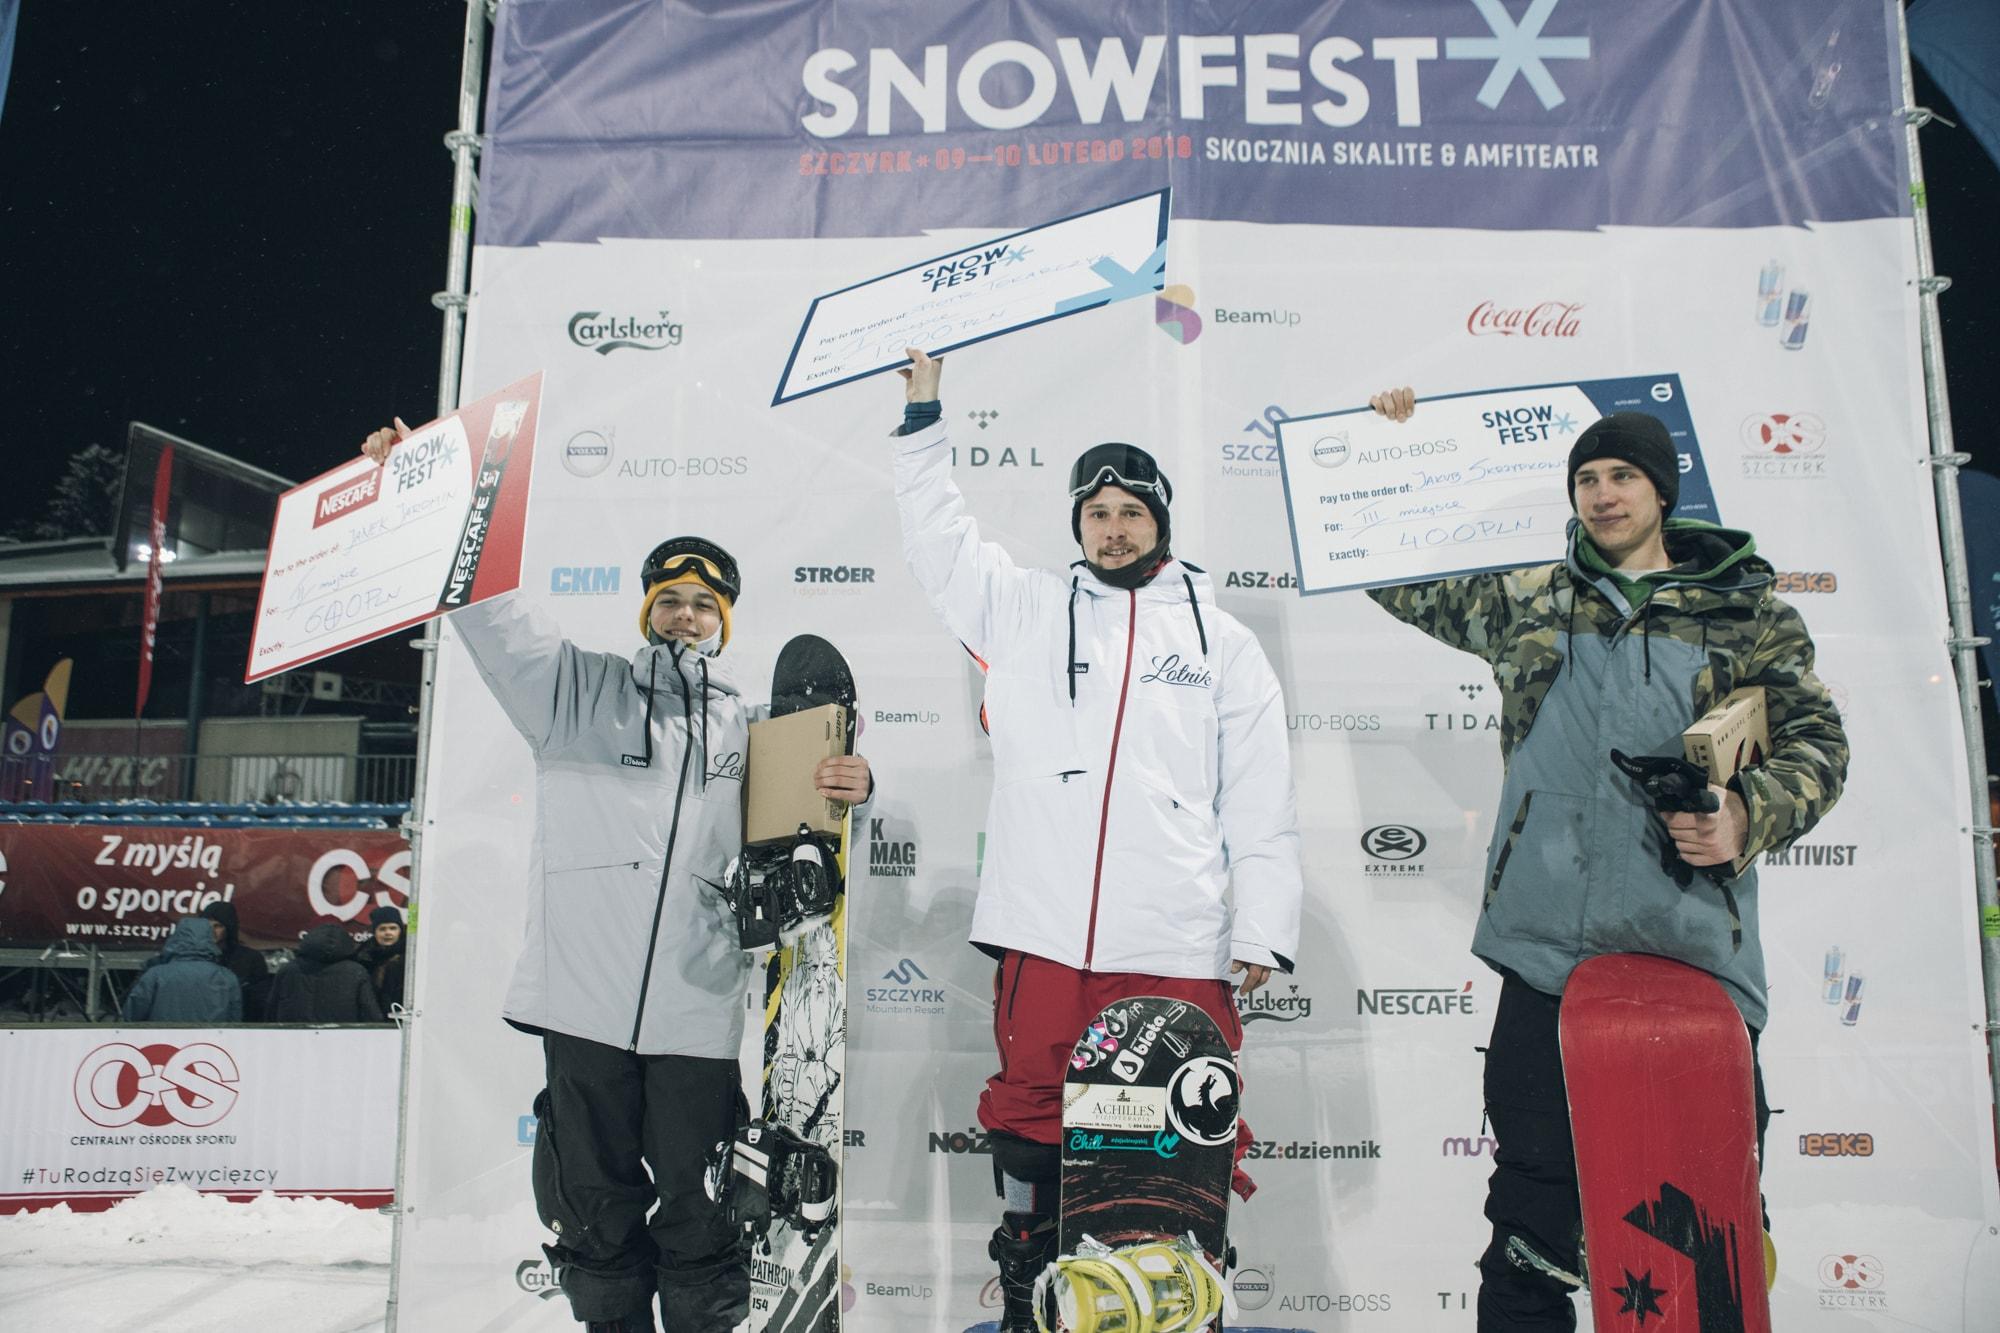 SnowFest2018